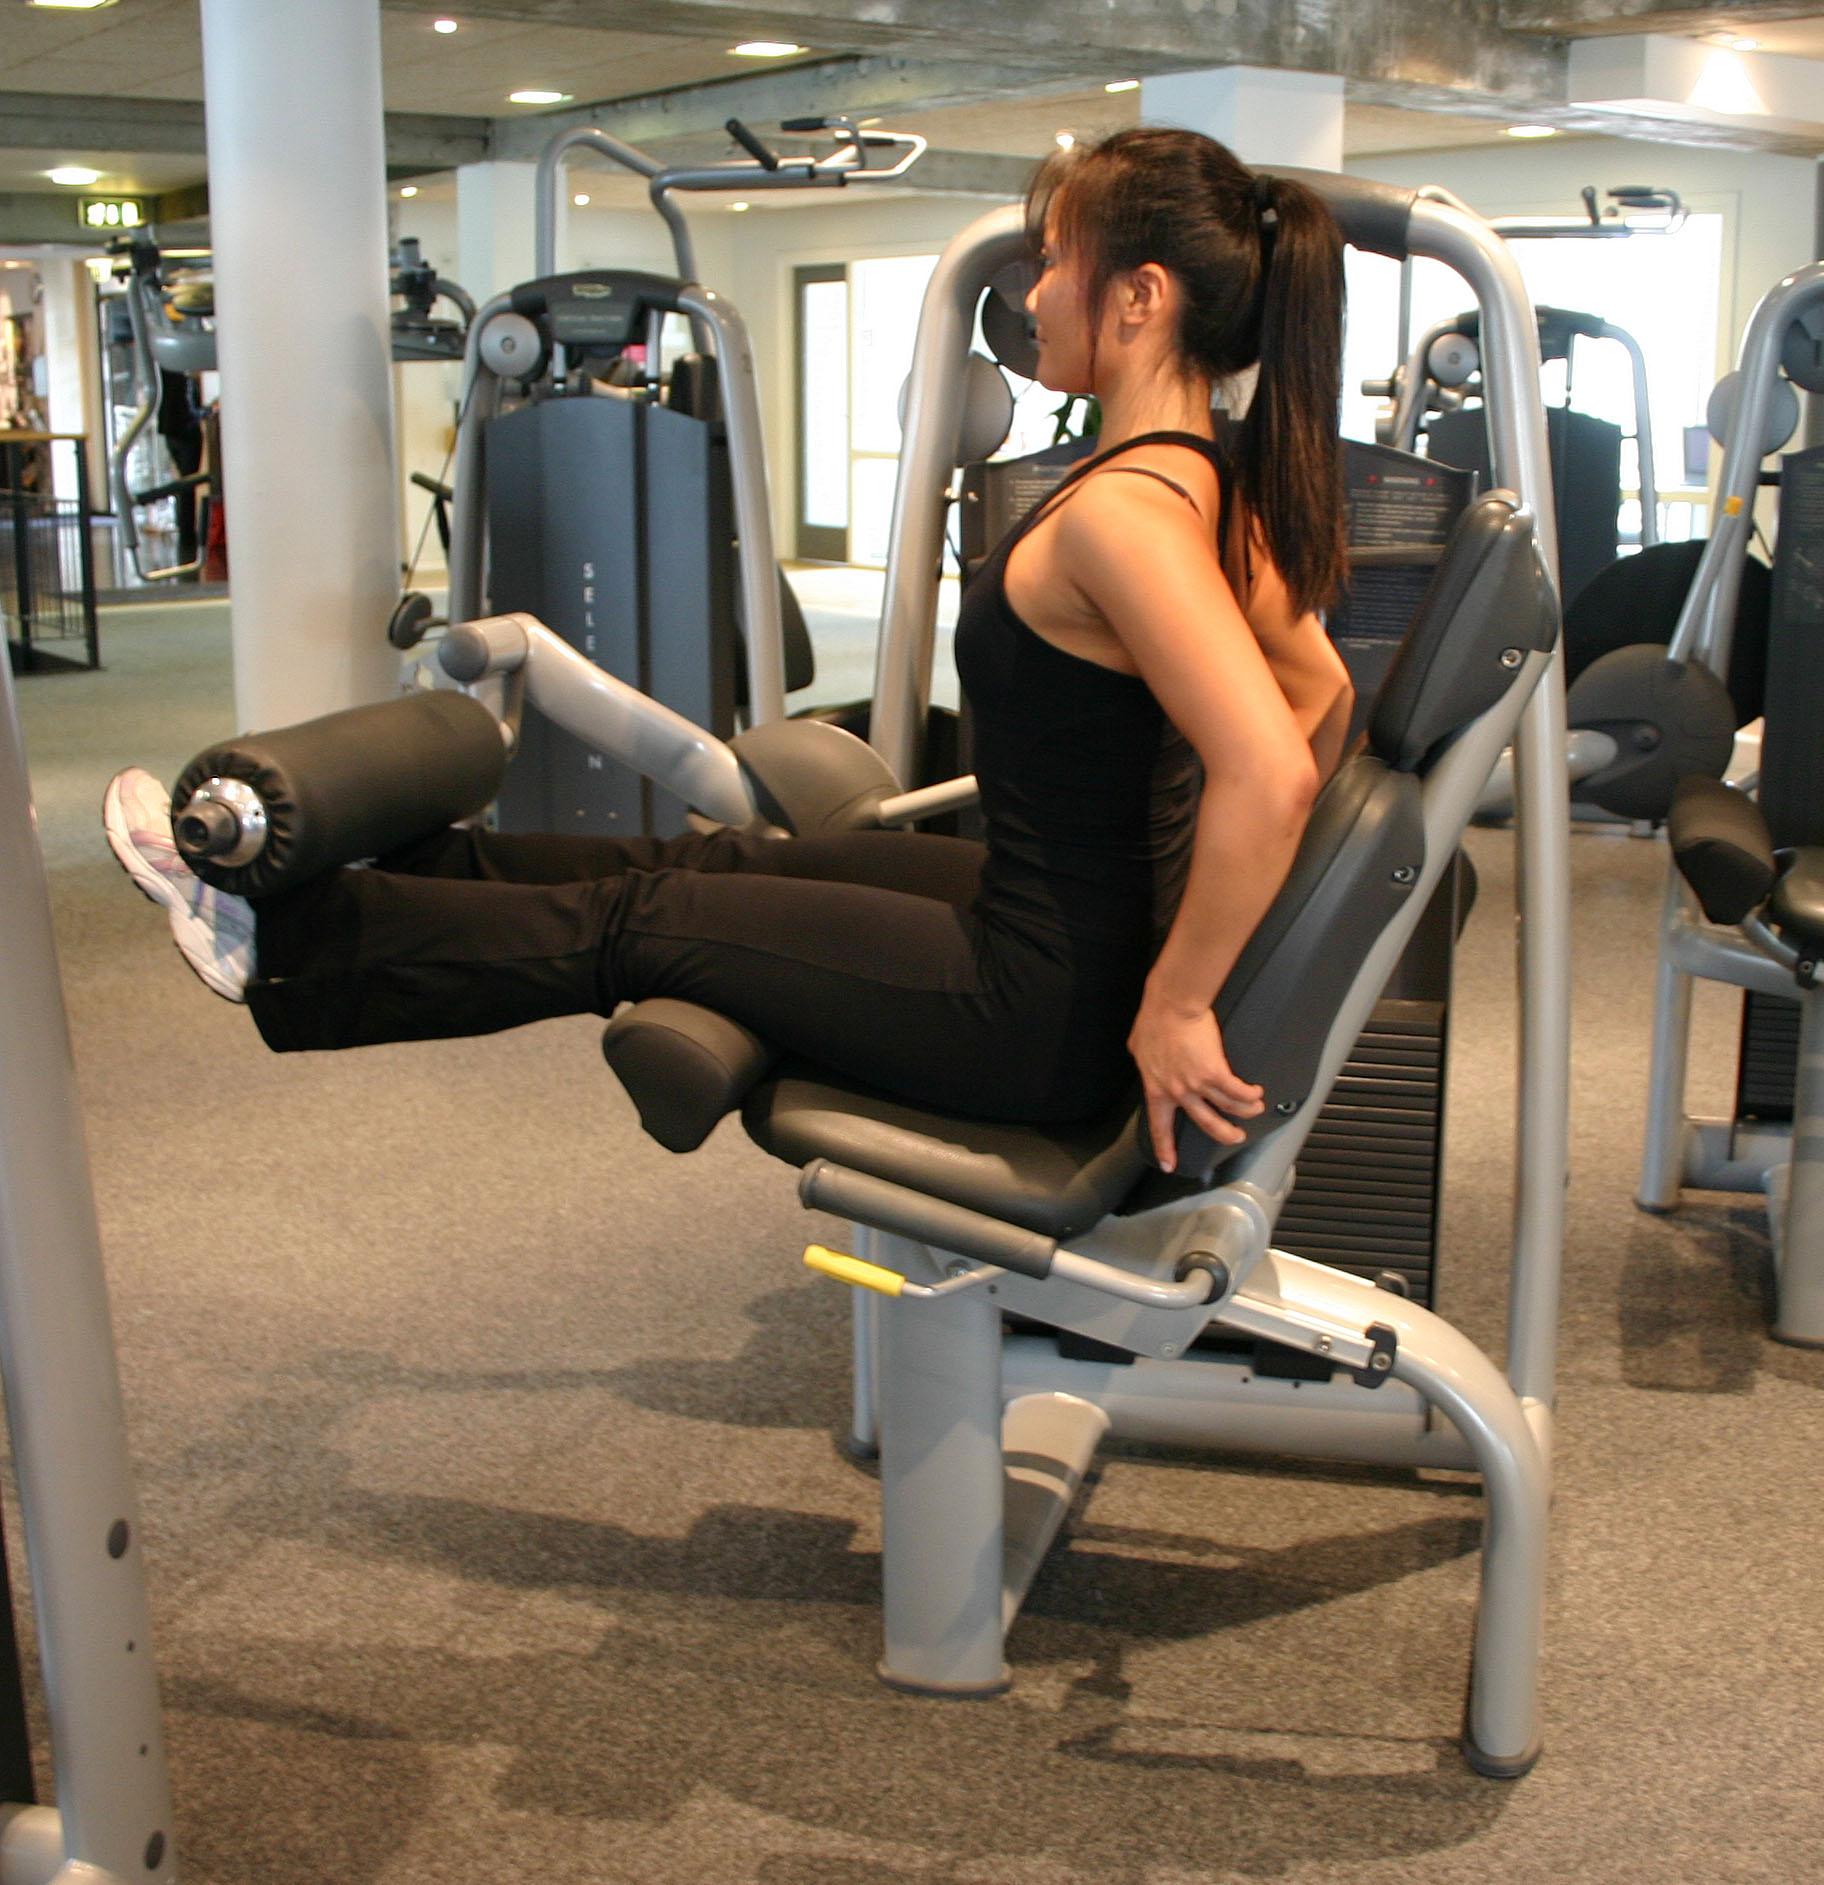 De 5 farligste fitnessmaskiner bentræning i fitnessmaskine leg extension